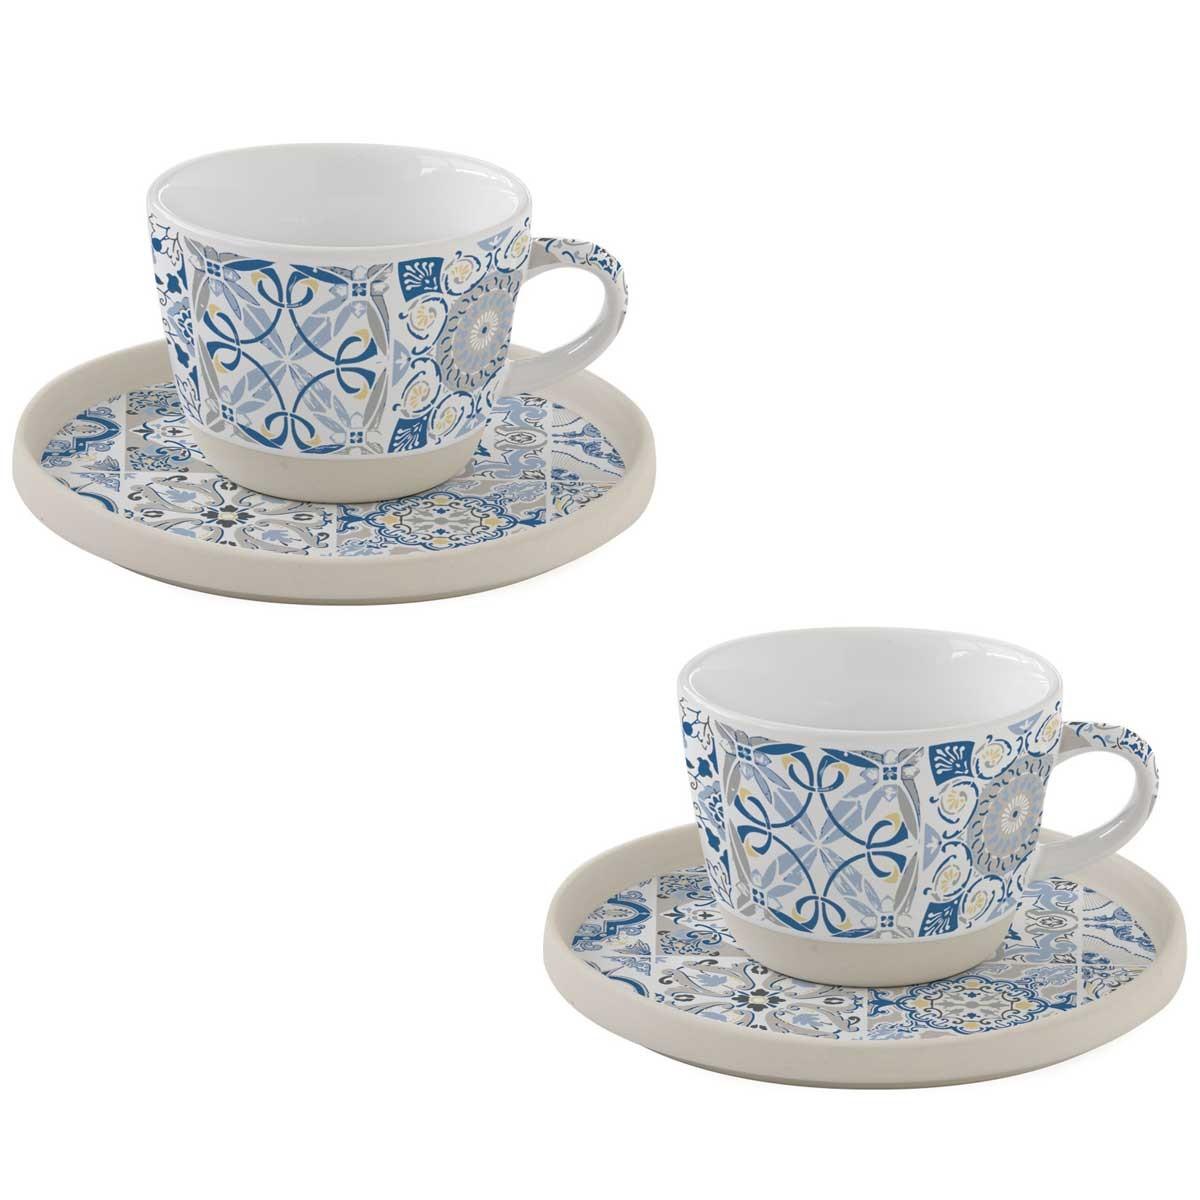 Φλυτζάνια Καφέ + Πιατάκια (Σετ 2τμχ) Marva Casadecor Blue 1656CΑDΒ home   κουζίνα   τραπεζαρία   κούπες   φλυτζάνια